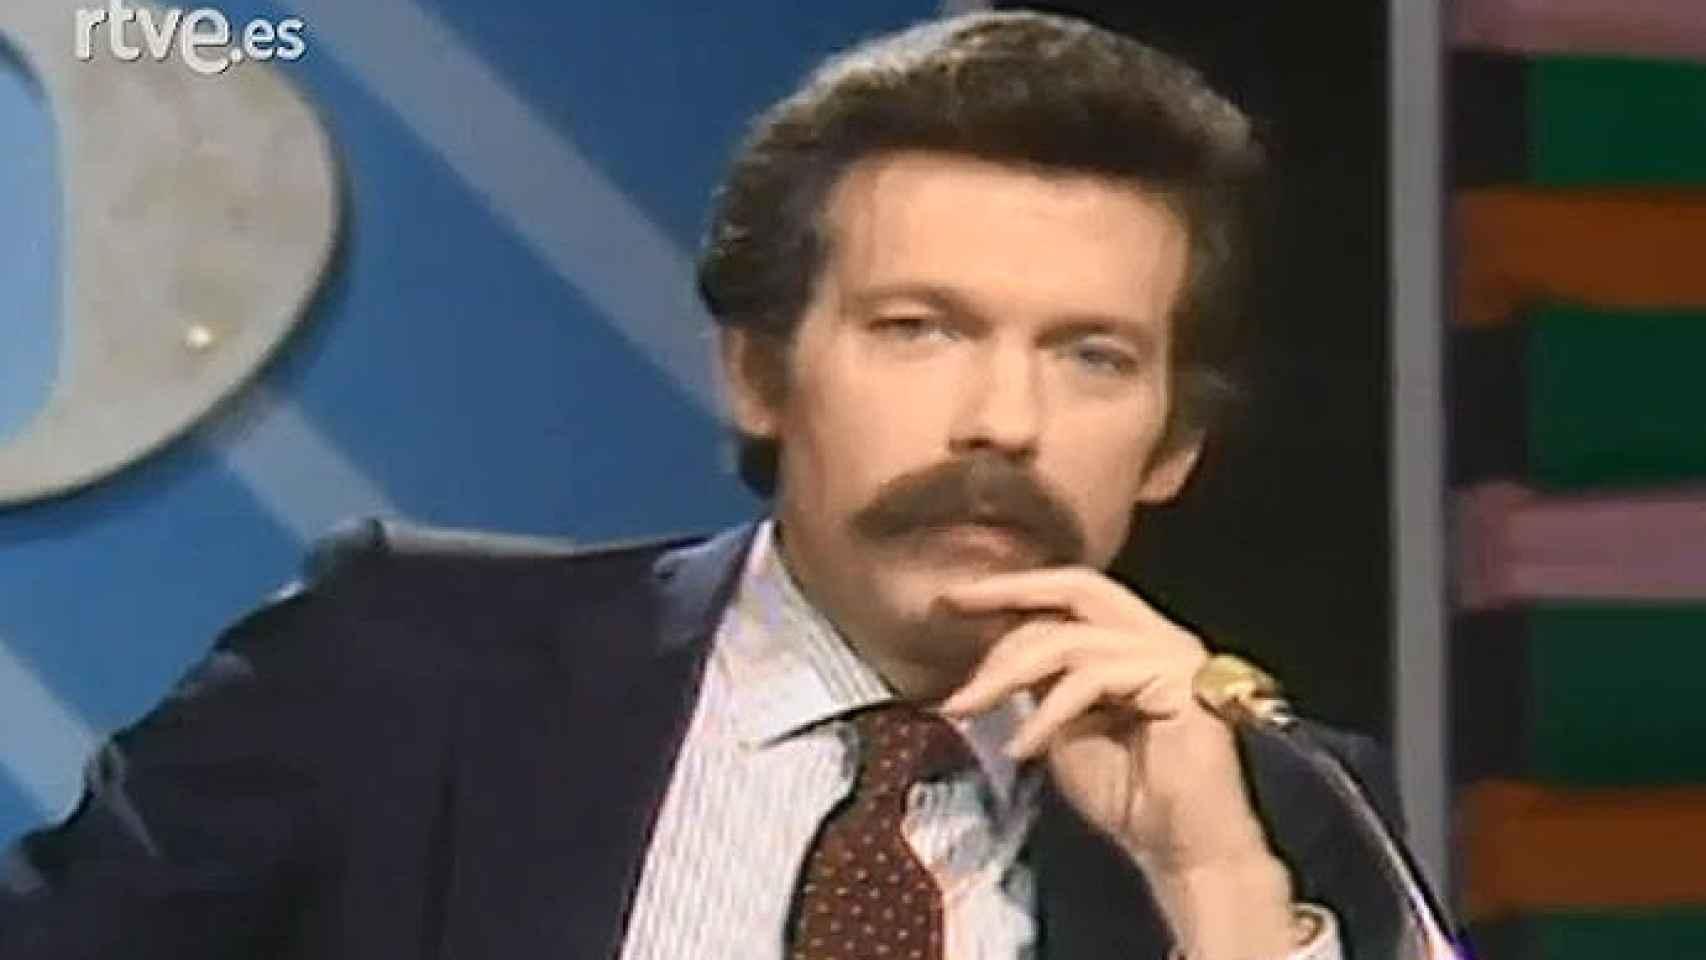 José María Íñigo était l'un des présentateurs historiques de TVE.